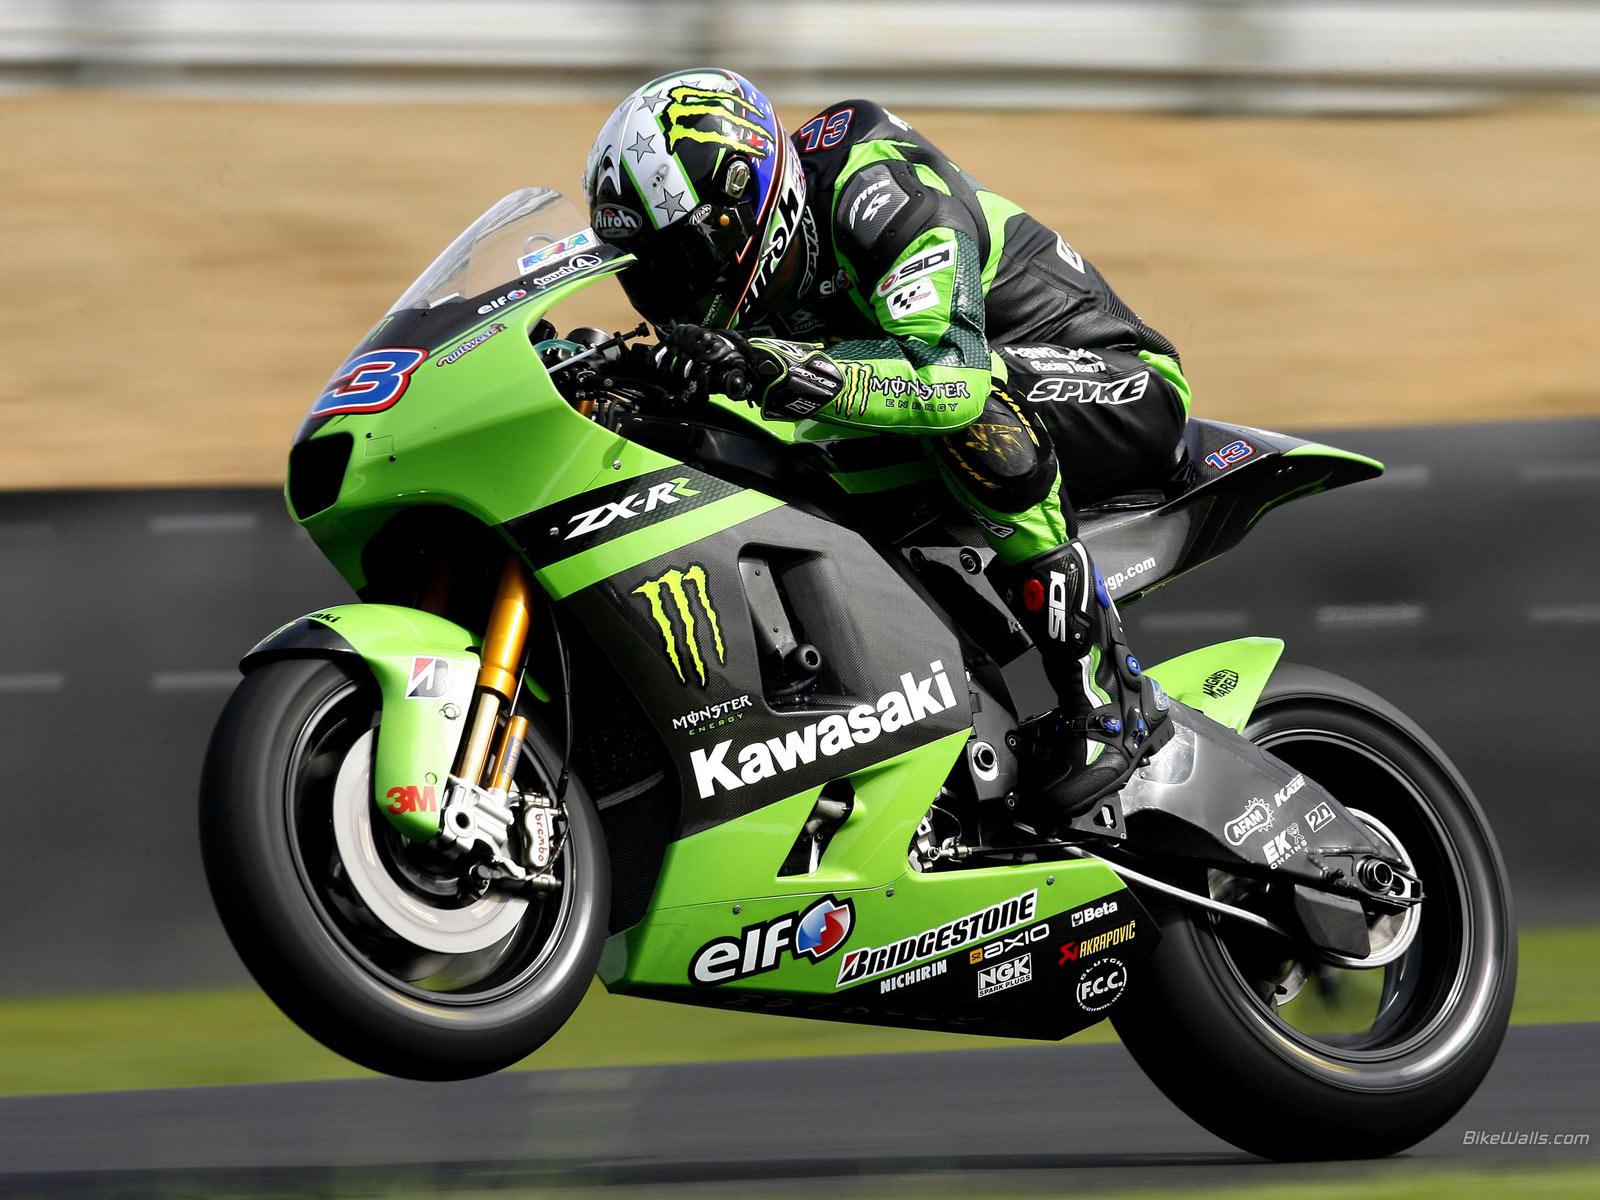 Download HQ MotoGP Wallpaper Num 14 1600 x 1200 3255 Kb 1600x1200